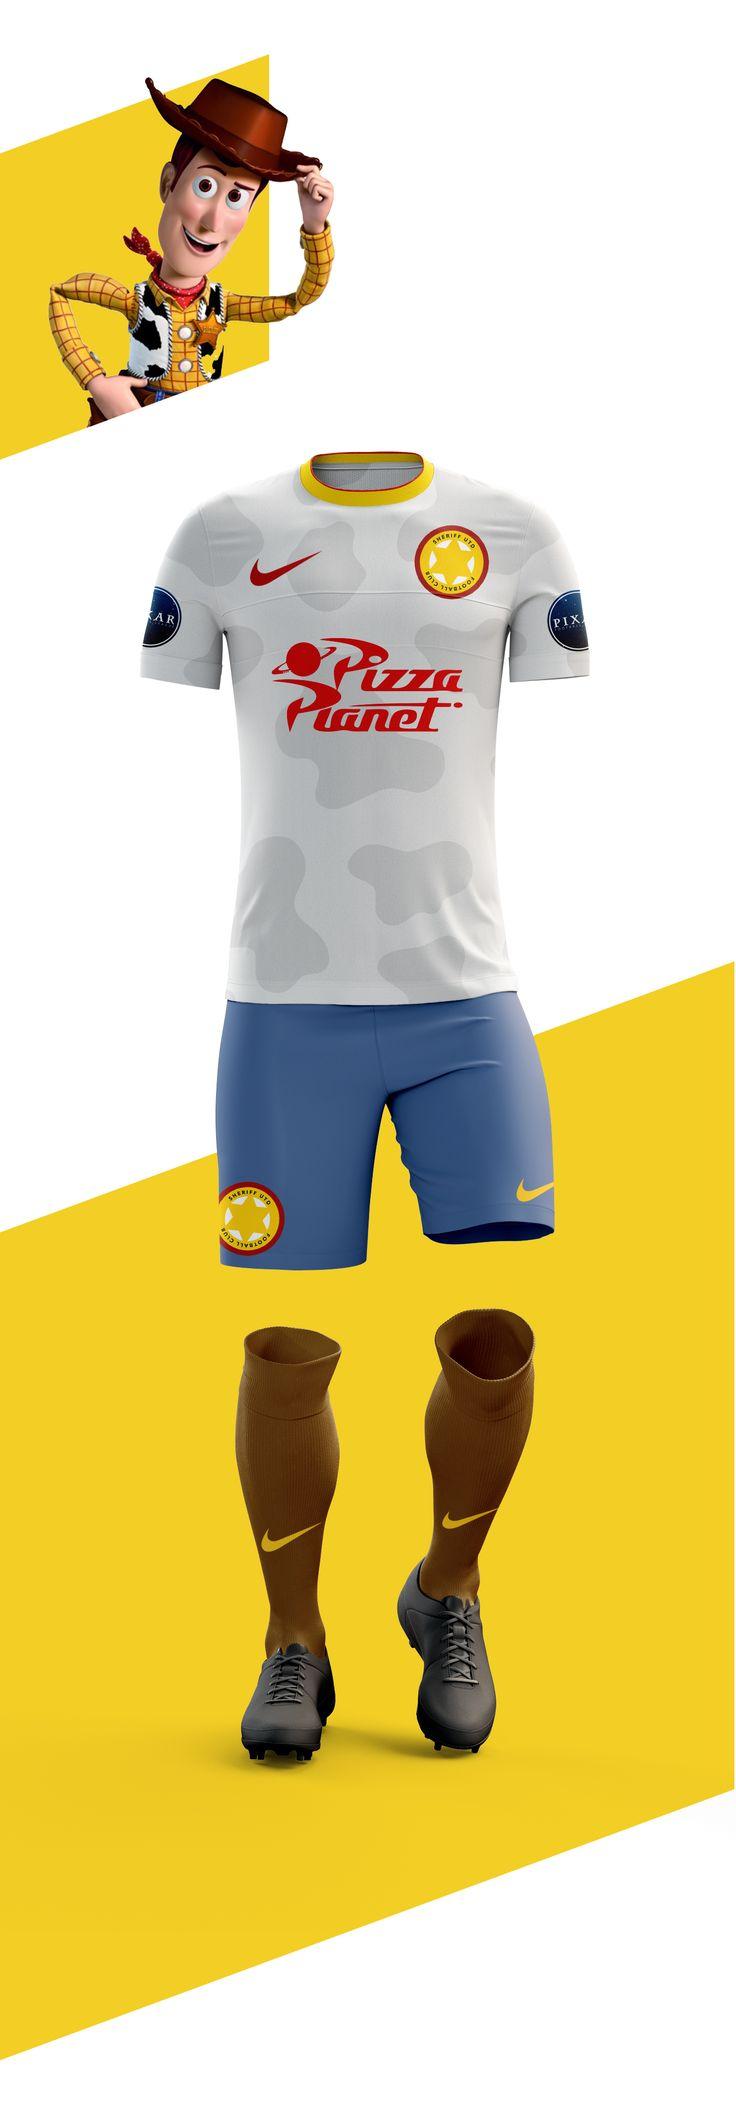 Woody e Buzz Lightyer representando times? Um designer criou a Pixar Football League para imaginar isso